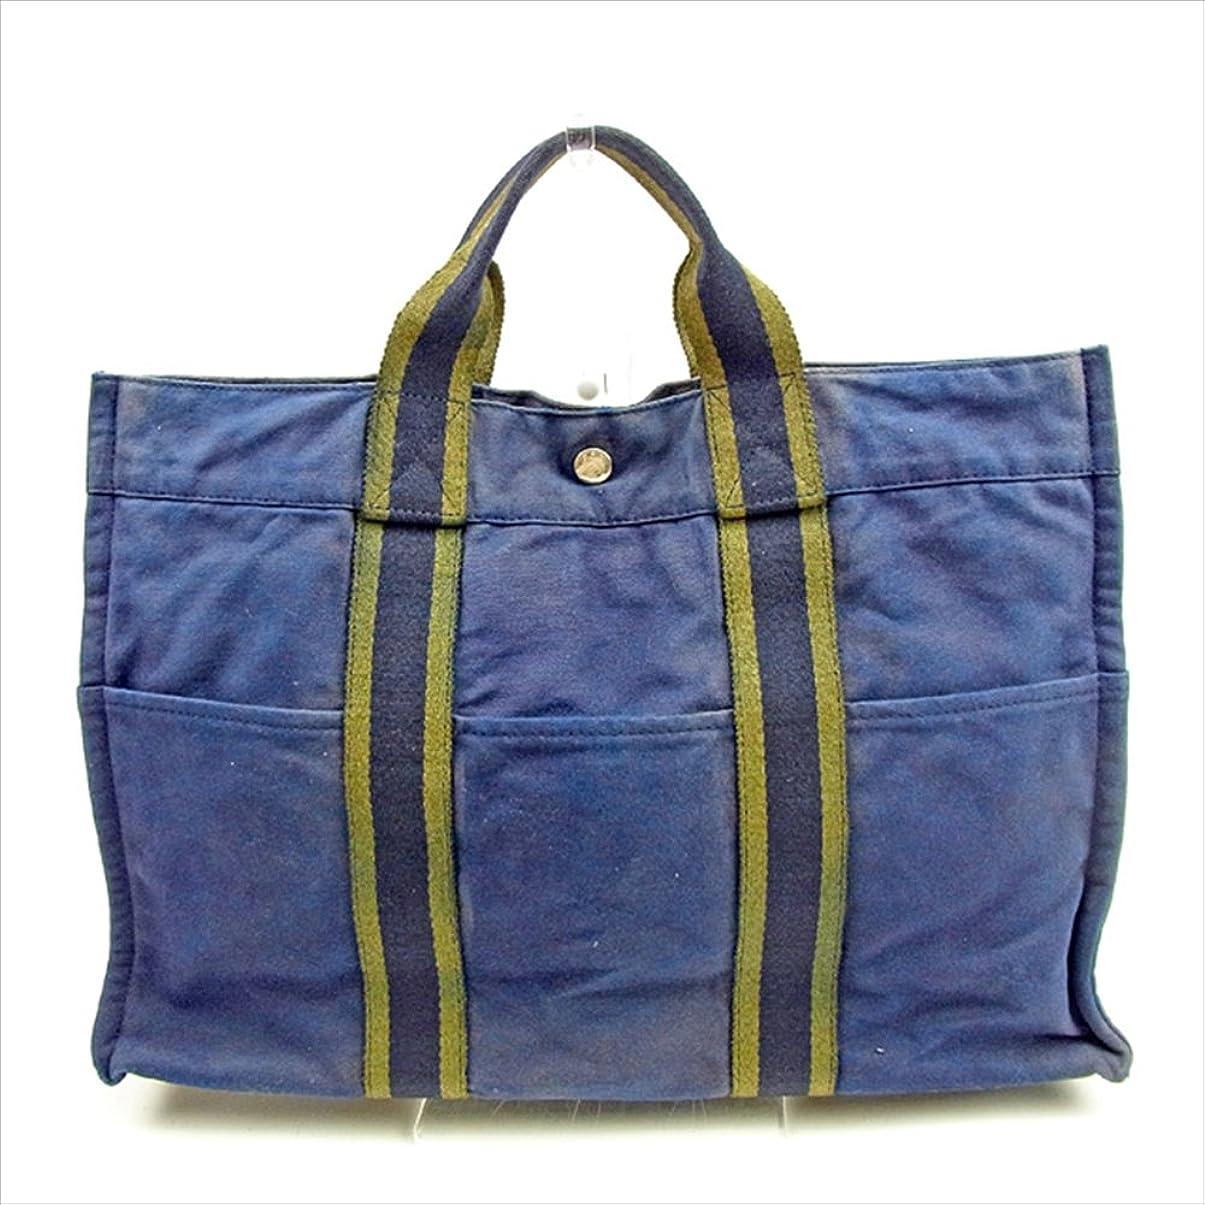 軽半径ジャケット(エルメス) Hermès トートバッグ ハンドバッグ ネイビー×グリーン トートMM フールトゥ メンズ可 中古 T398